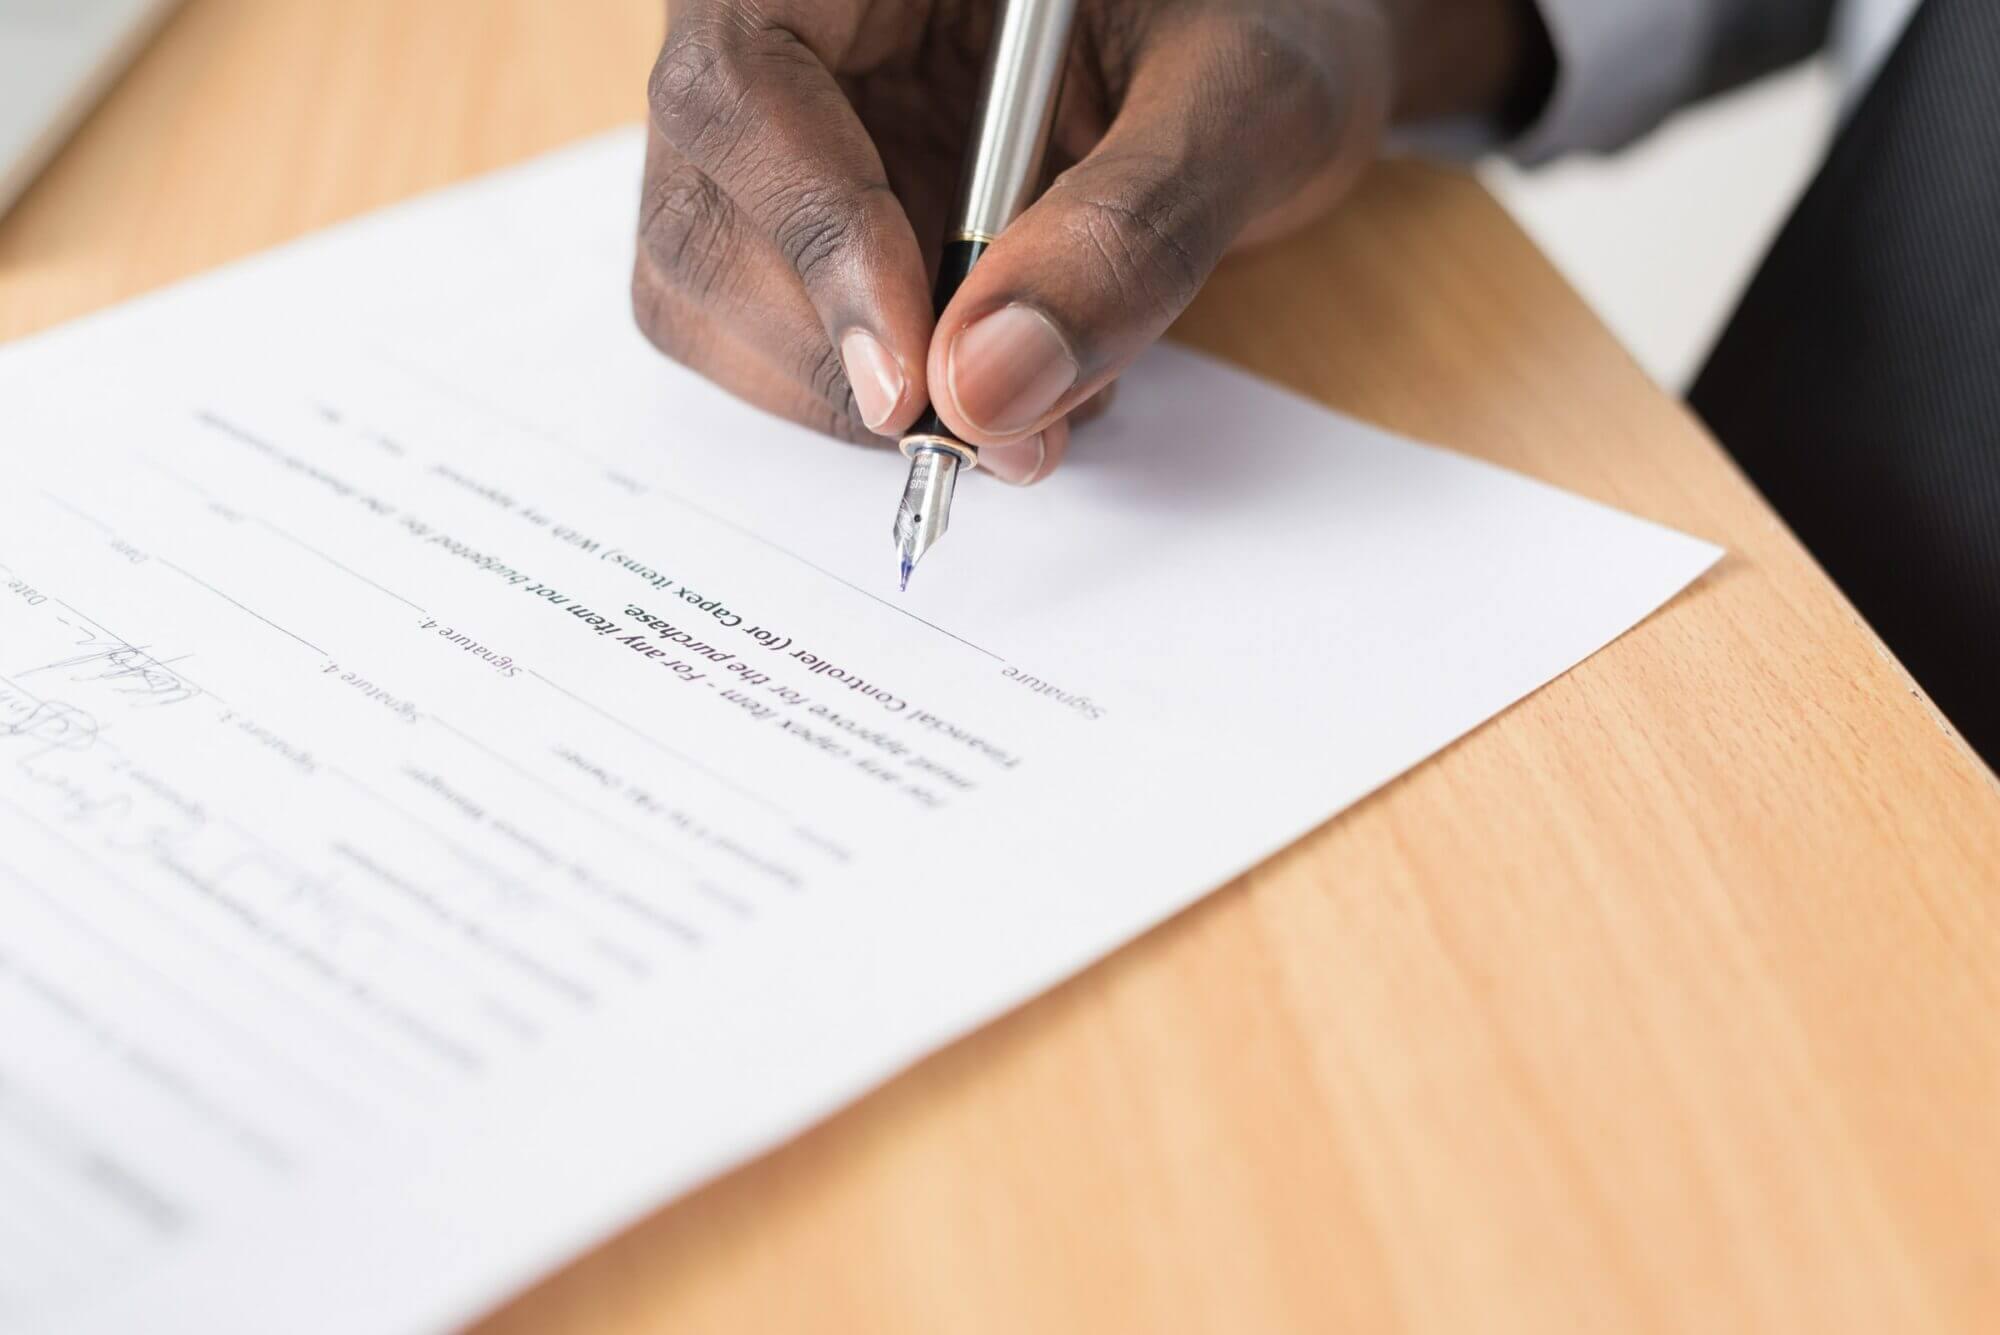 Persona firmando un papel - La normativa de la era Trump aceleraba los procesos y permitía realizar la deportación rápida.